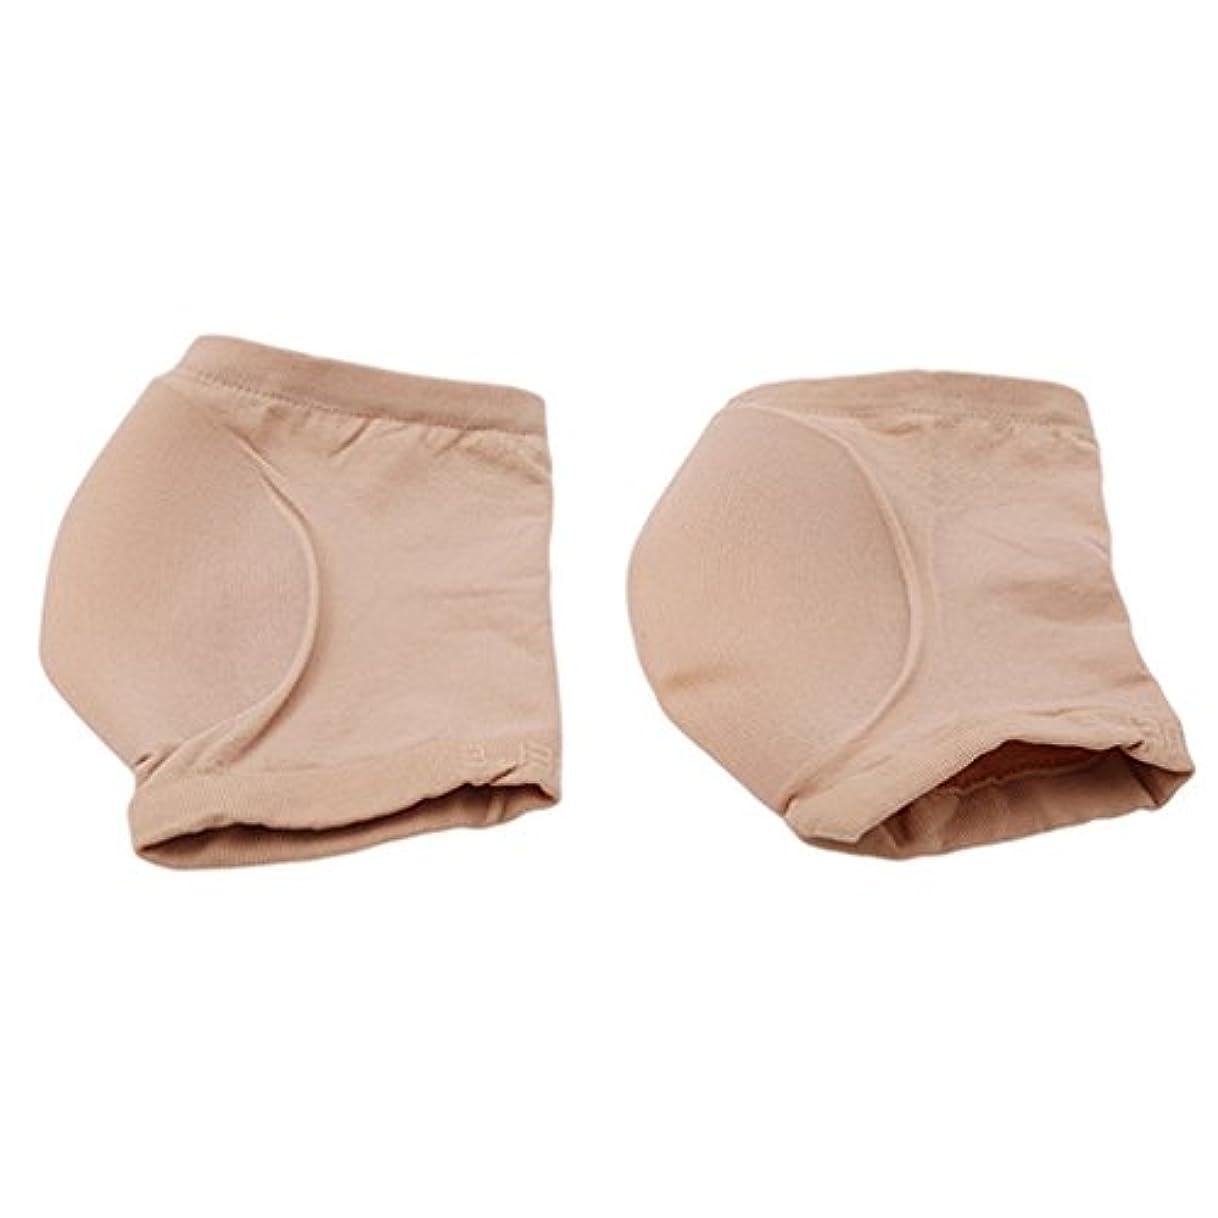 マラソン解放測るHKUN 靴下 ソックス かかとケア 角質ケア 保湿 角質除去 足首用 洗える メンズ レディース S-L